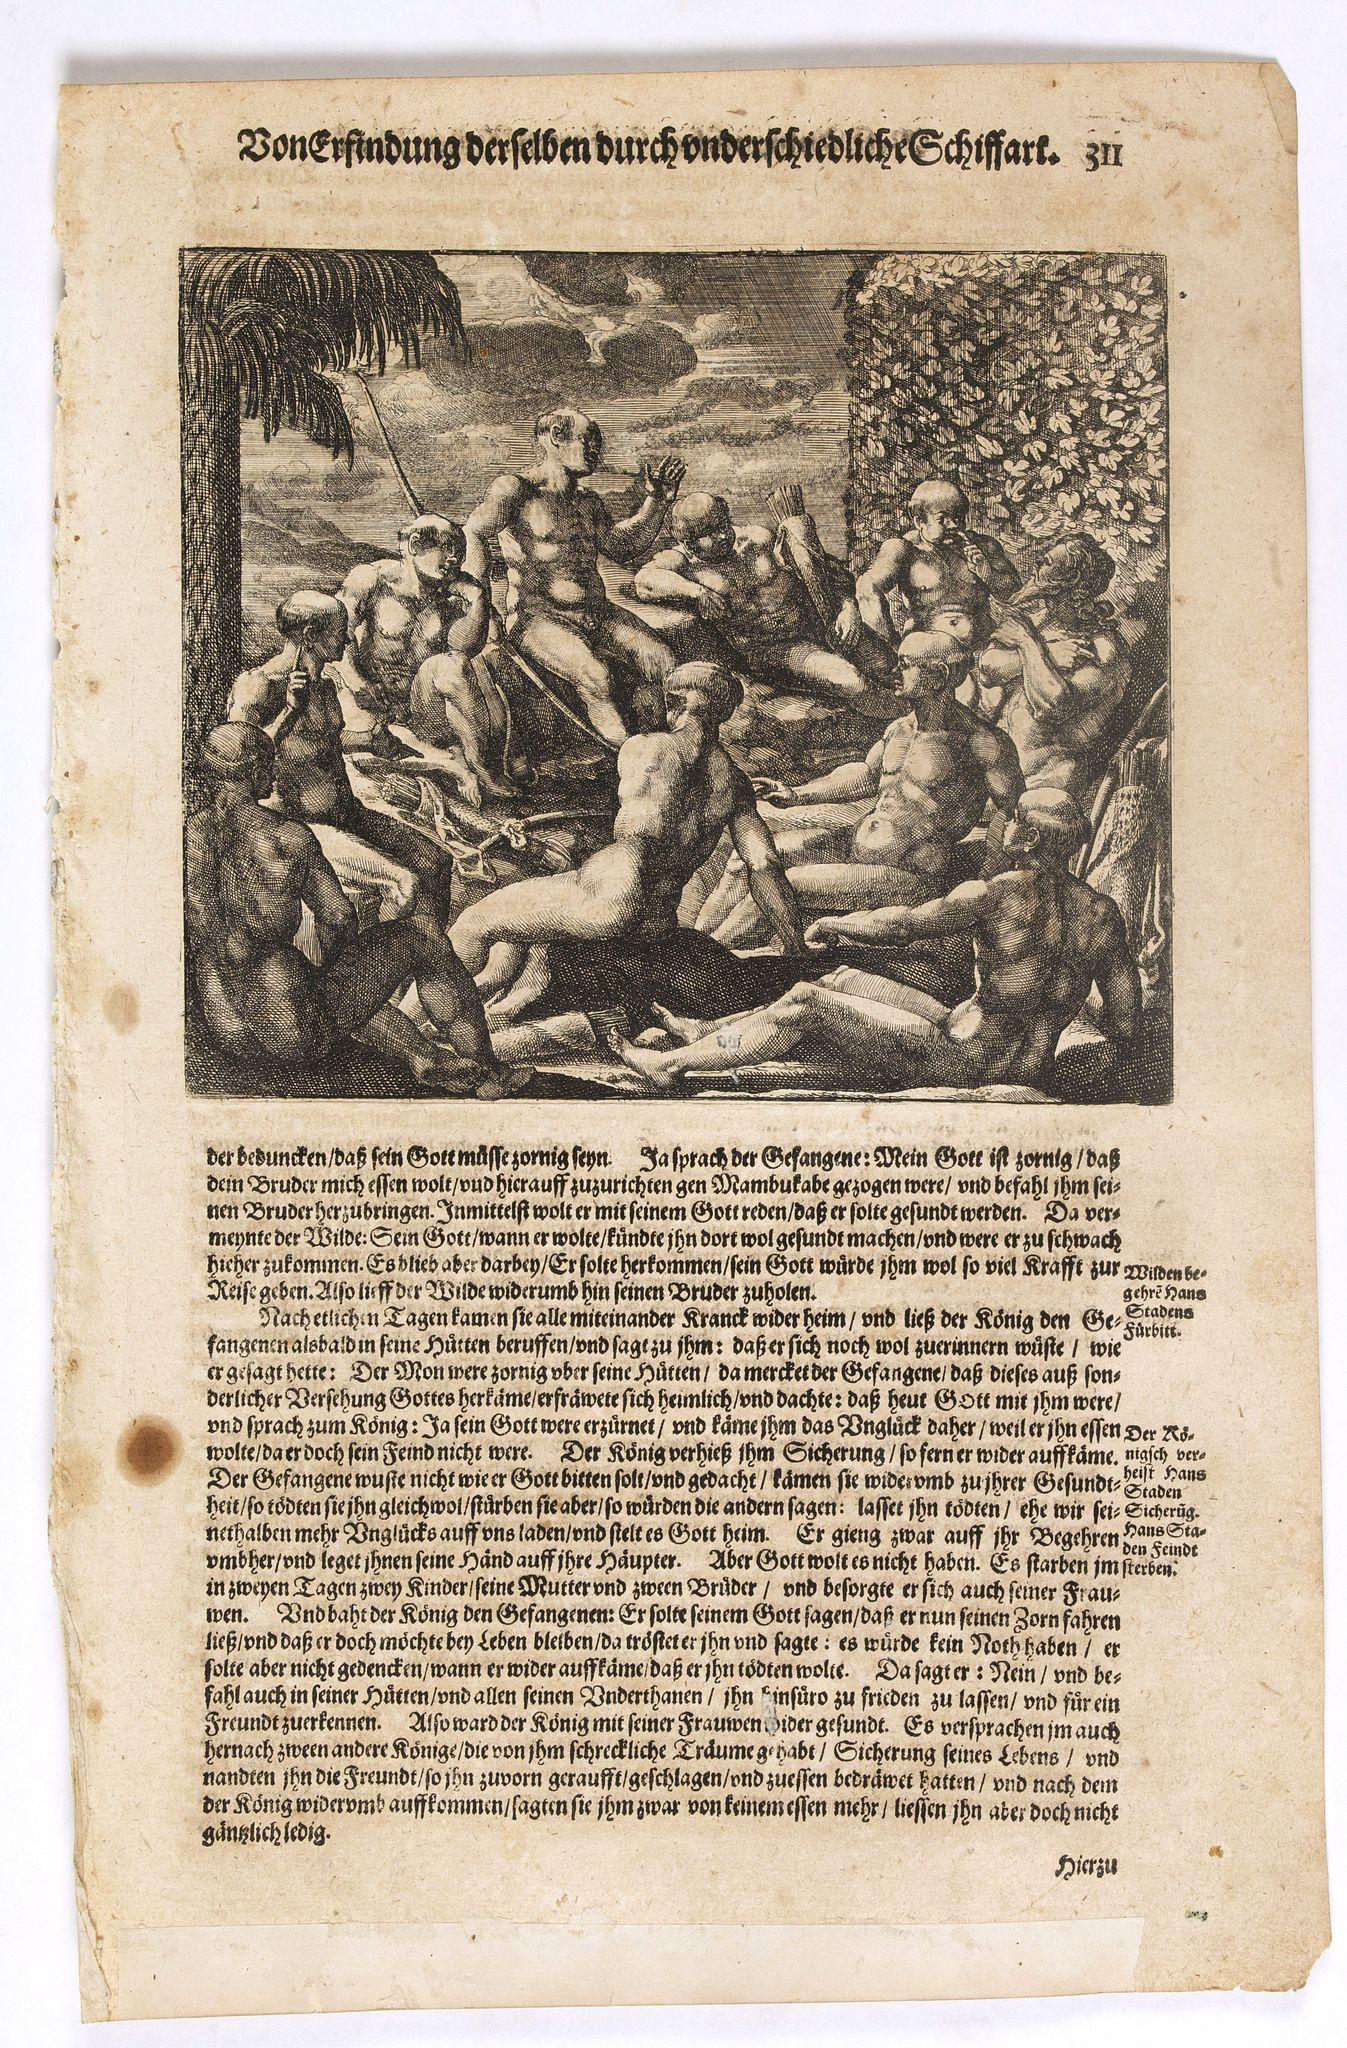 GOTTFRIED, J.L. / DE BRY, T. -  [American history plate].